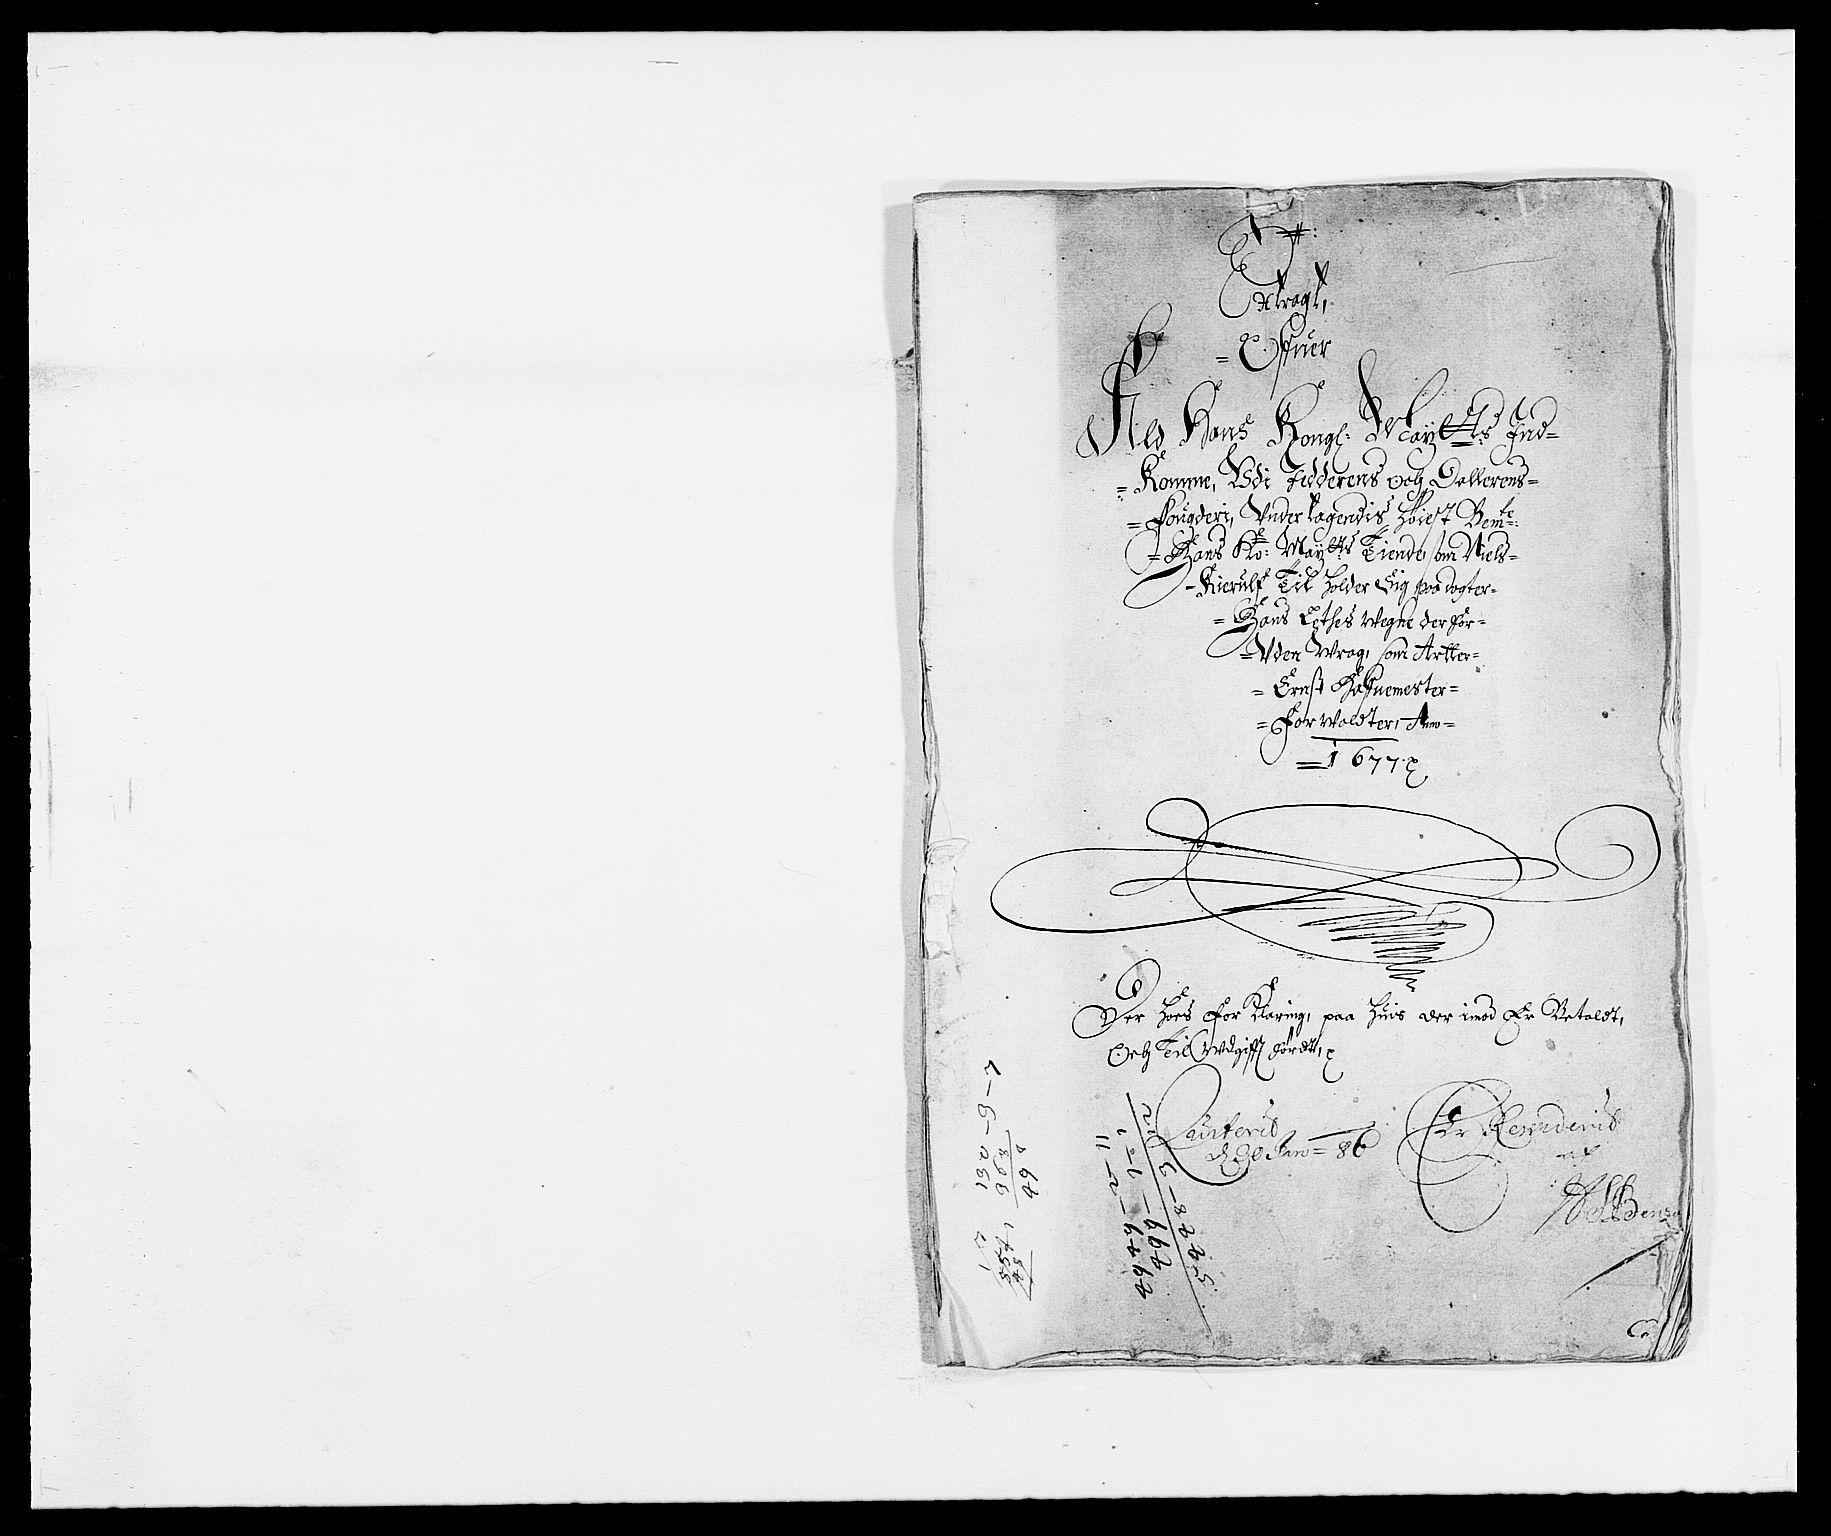 RA, Rentekammeret inntil 1814, Reviderte regnskaper, Fogderegnskap, R46/L2717: Fogderegnskap Jæren og Dalane, 1677, s. 1